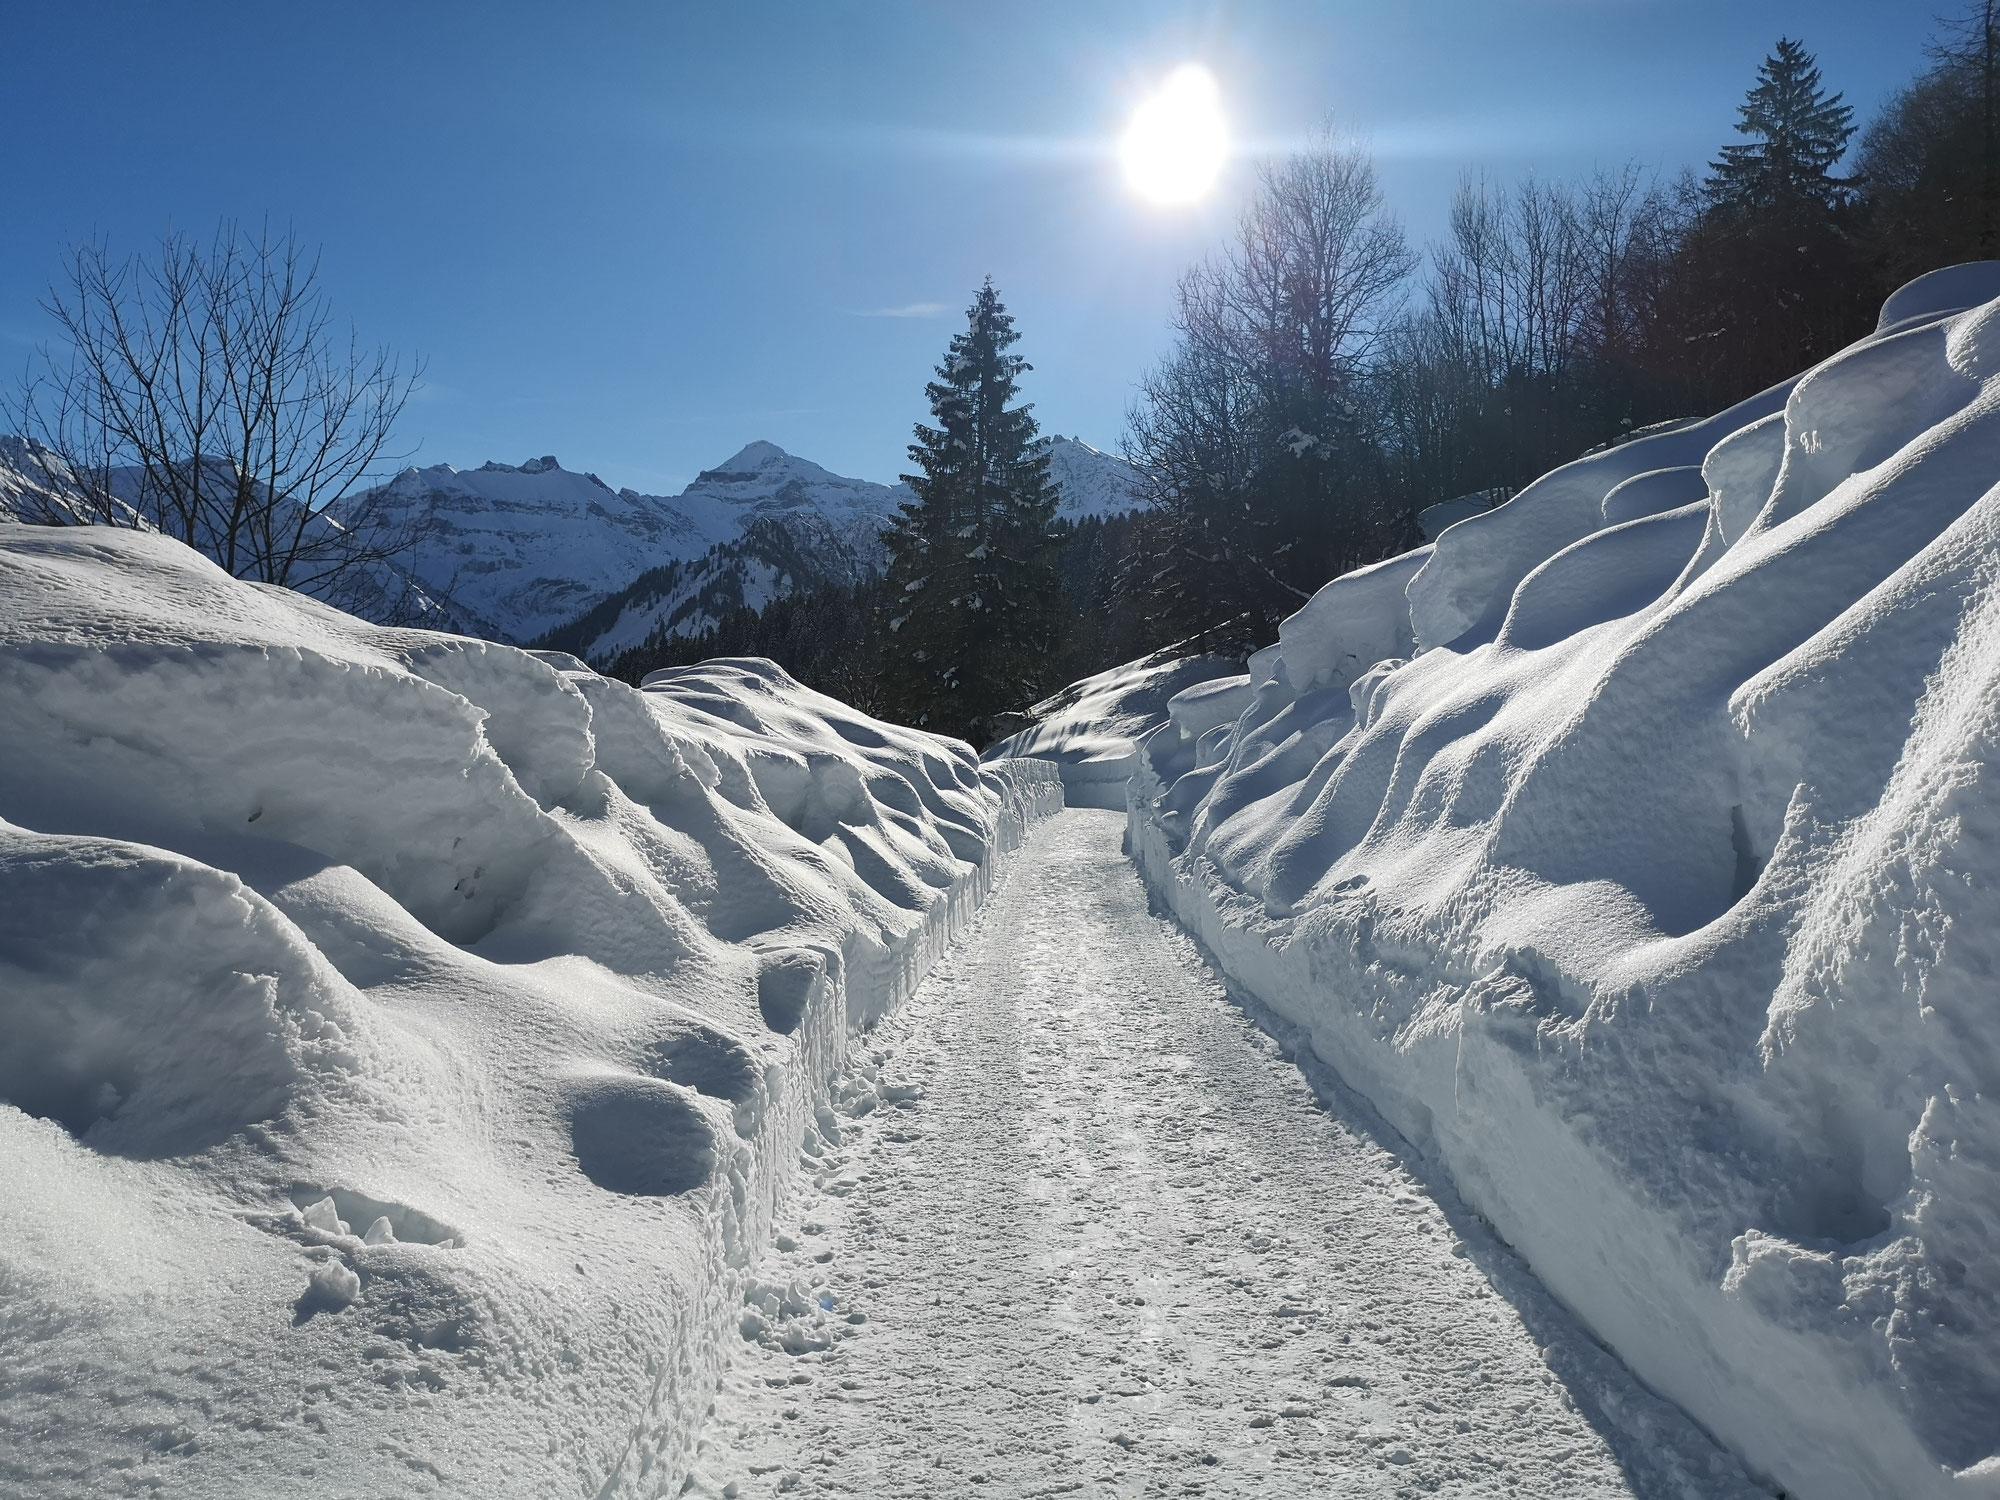 Wintergedanken